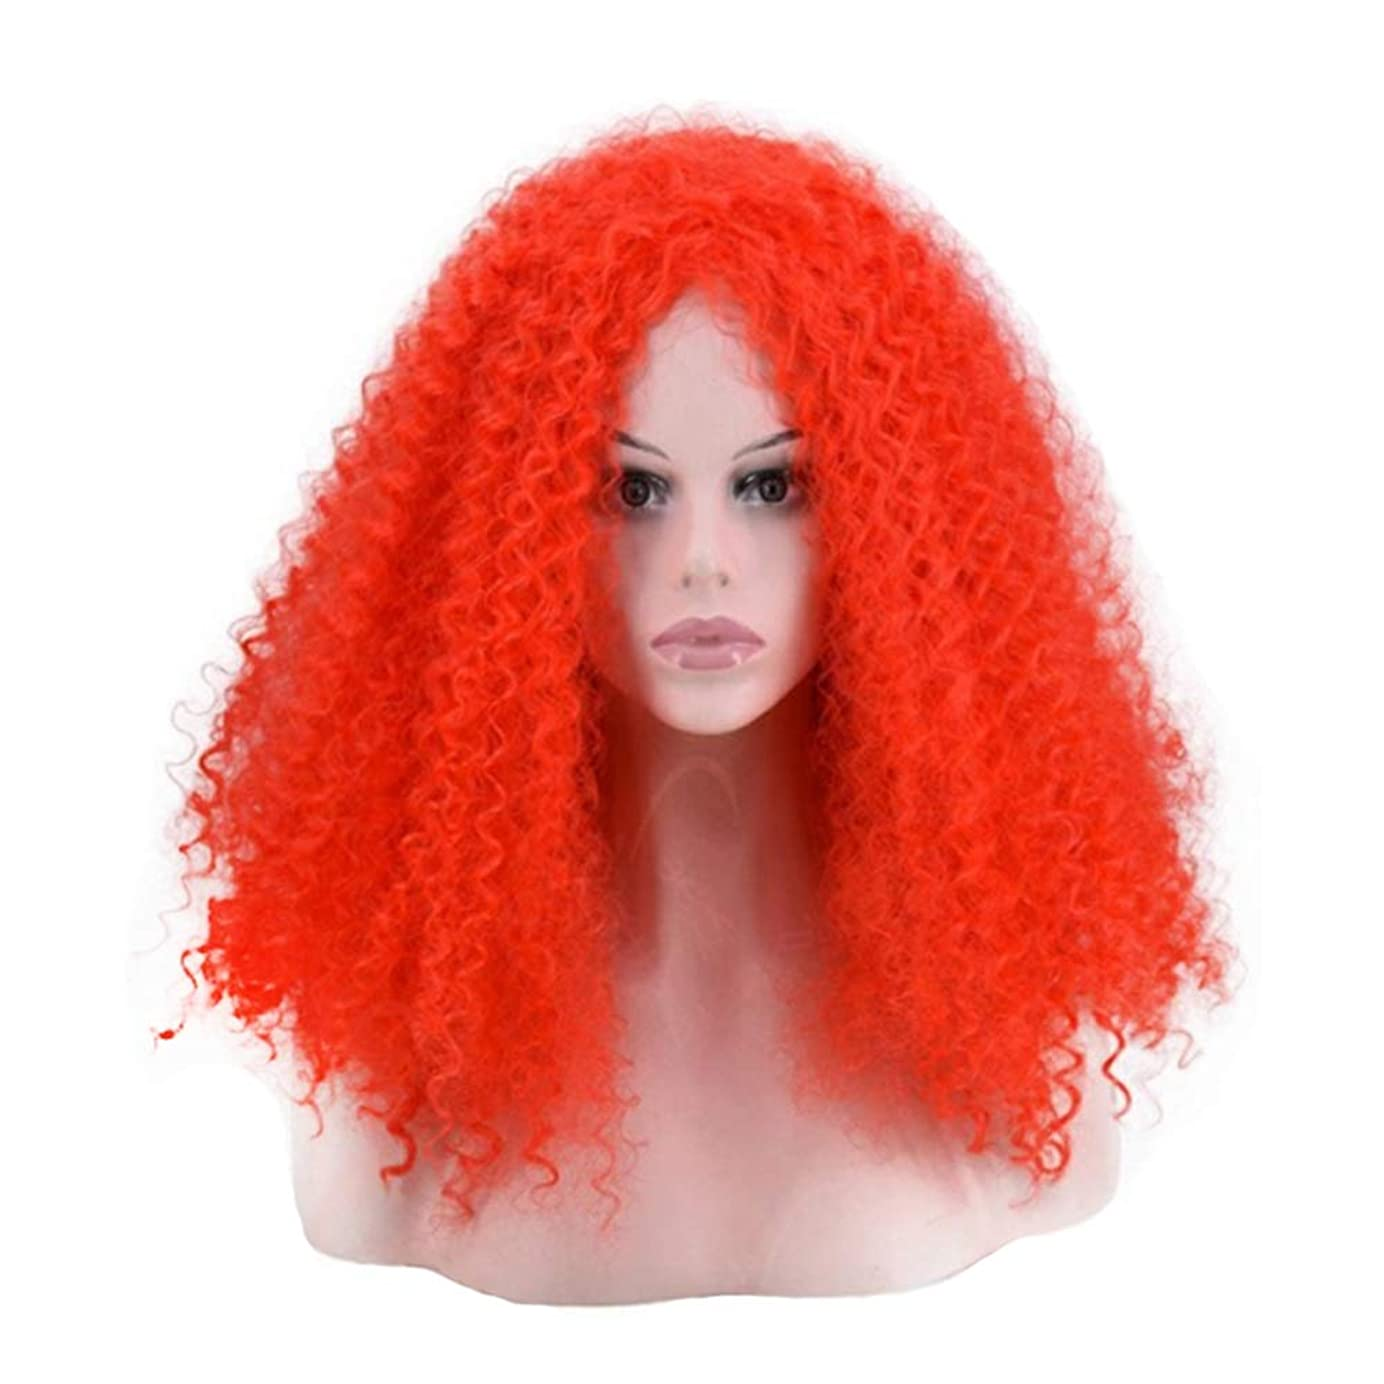 拒否レジデンス不規則性かつら - ファッションロングロール高温シルクウィッグパーティーハロウィンロールプレイ40cm赤 (色 : Red, サイズ さいず : 40cm)